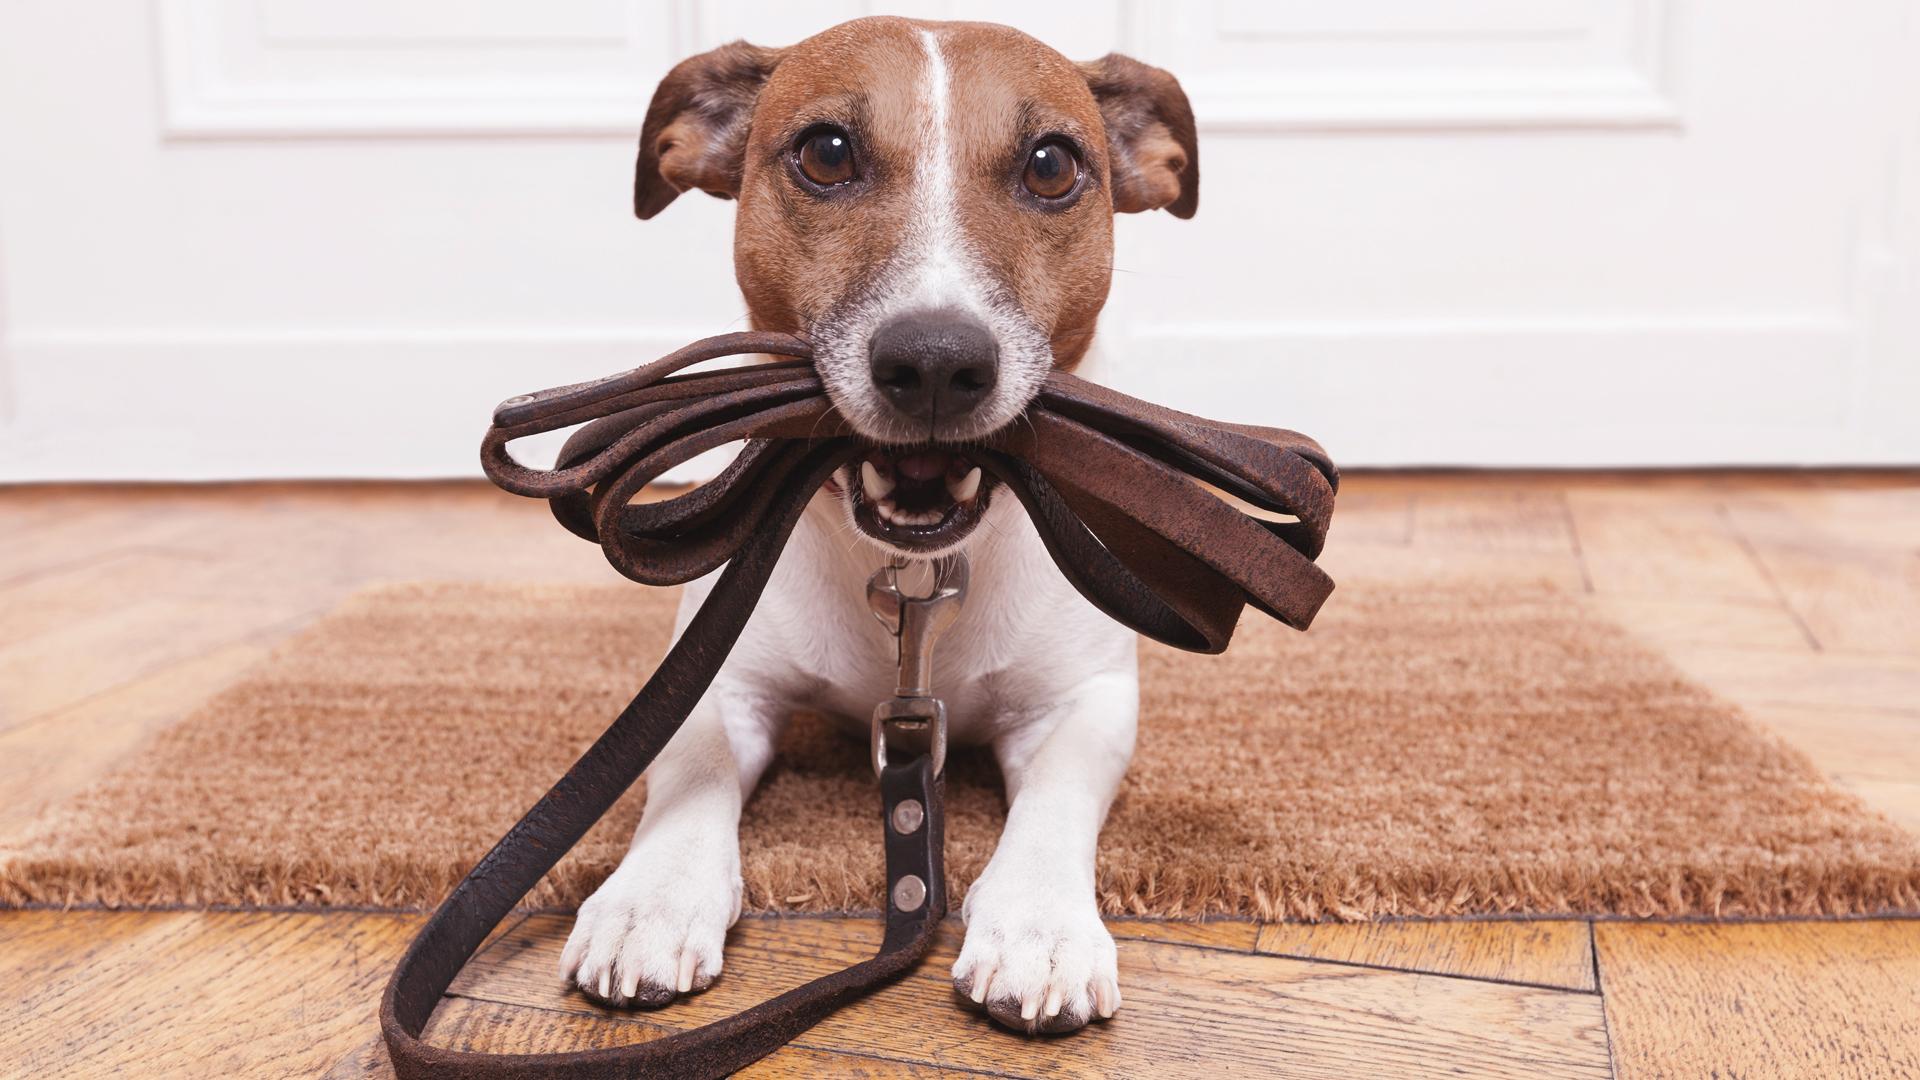 Negócios ganham mercado com propostas inusitadas para pets